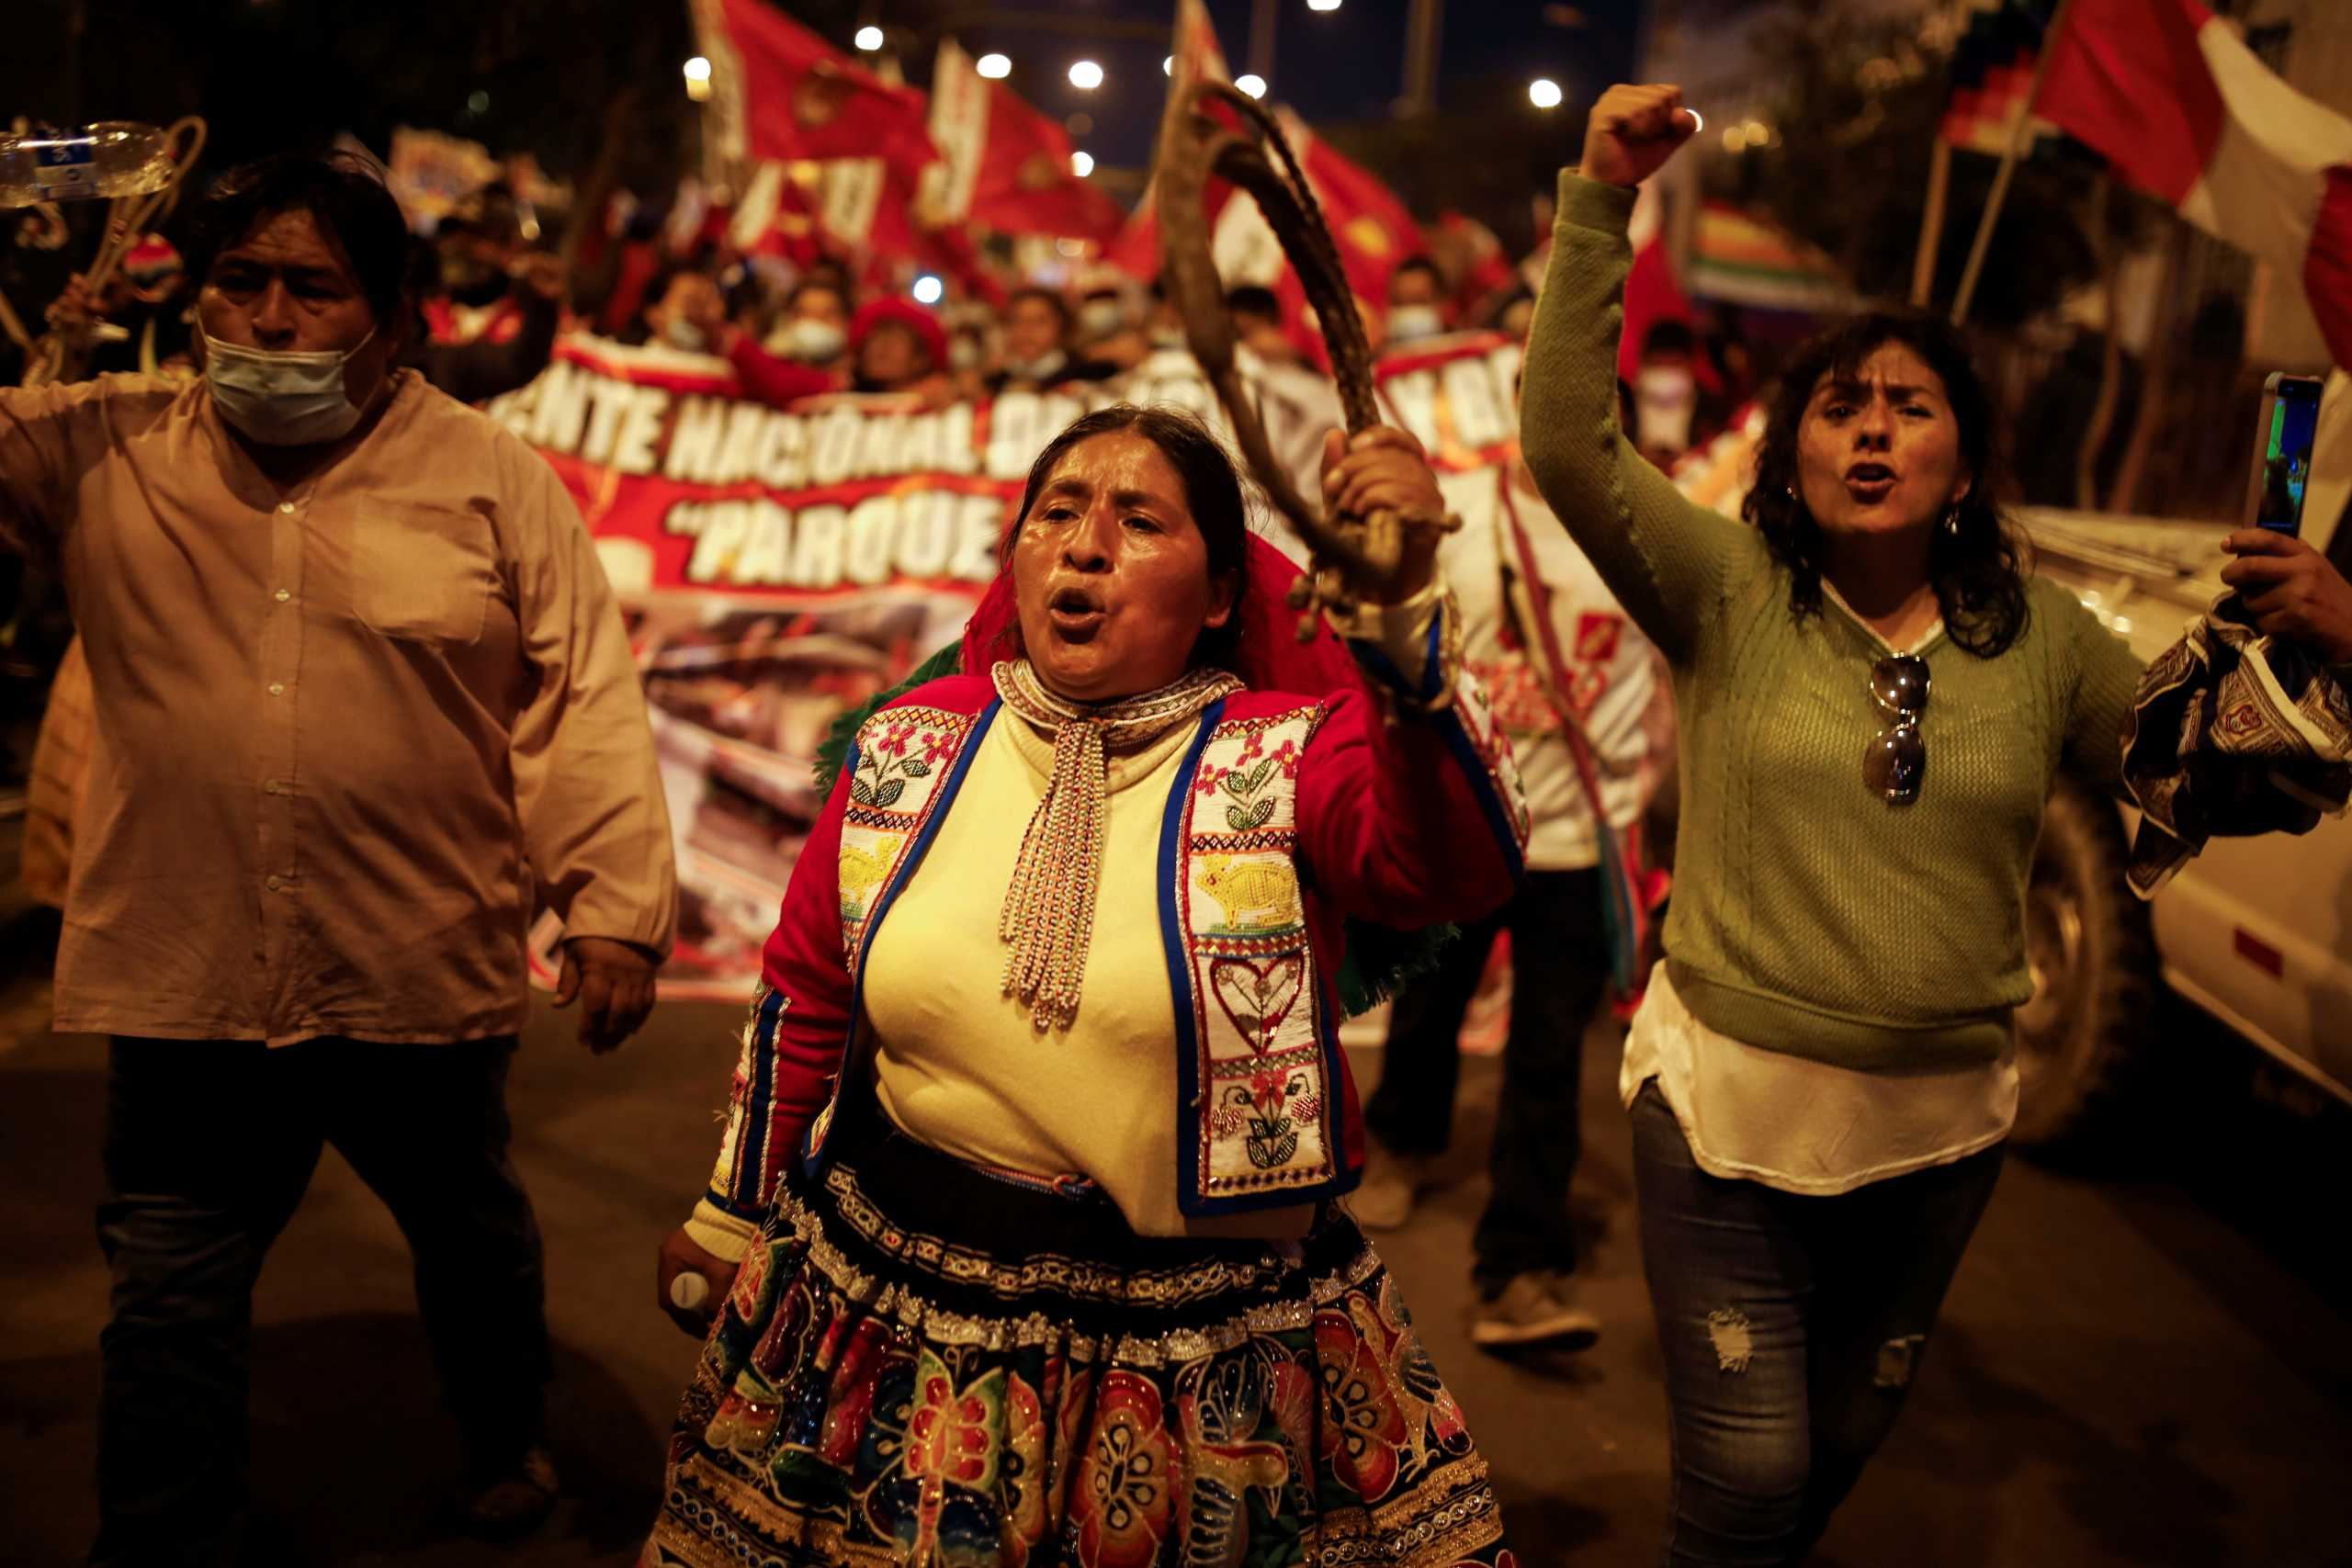 Το Περού έχει επιτέλους πρόεδρο! Και επίσημα νικητής ο Πέδρο Καστίγιο